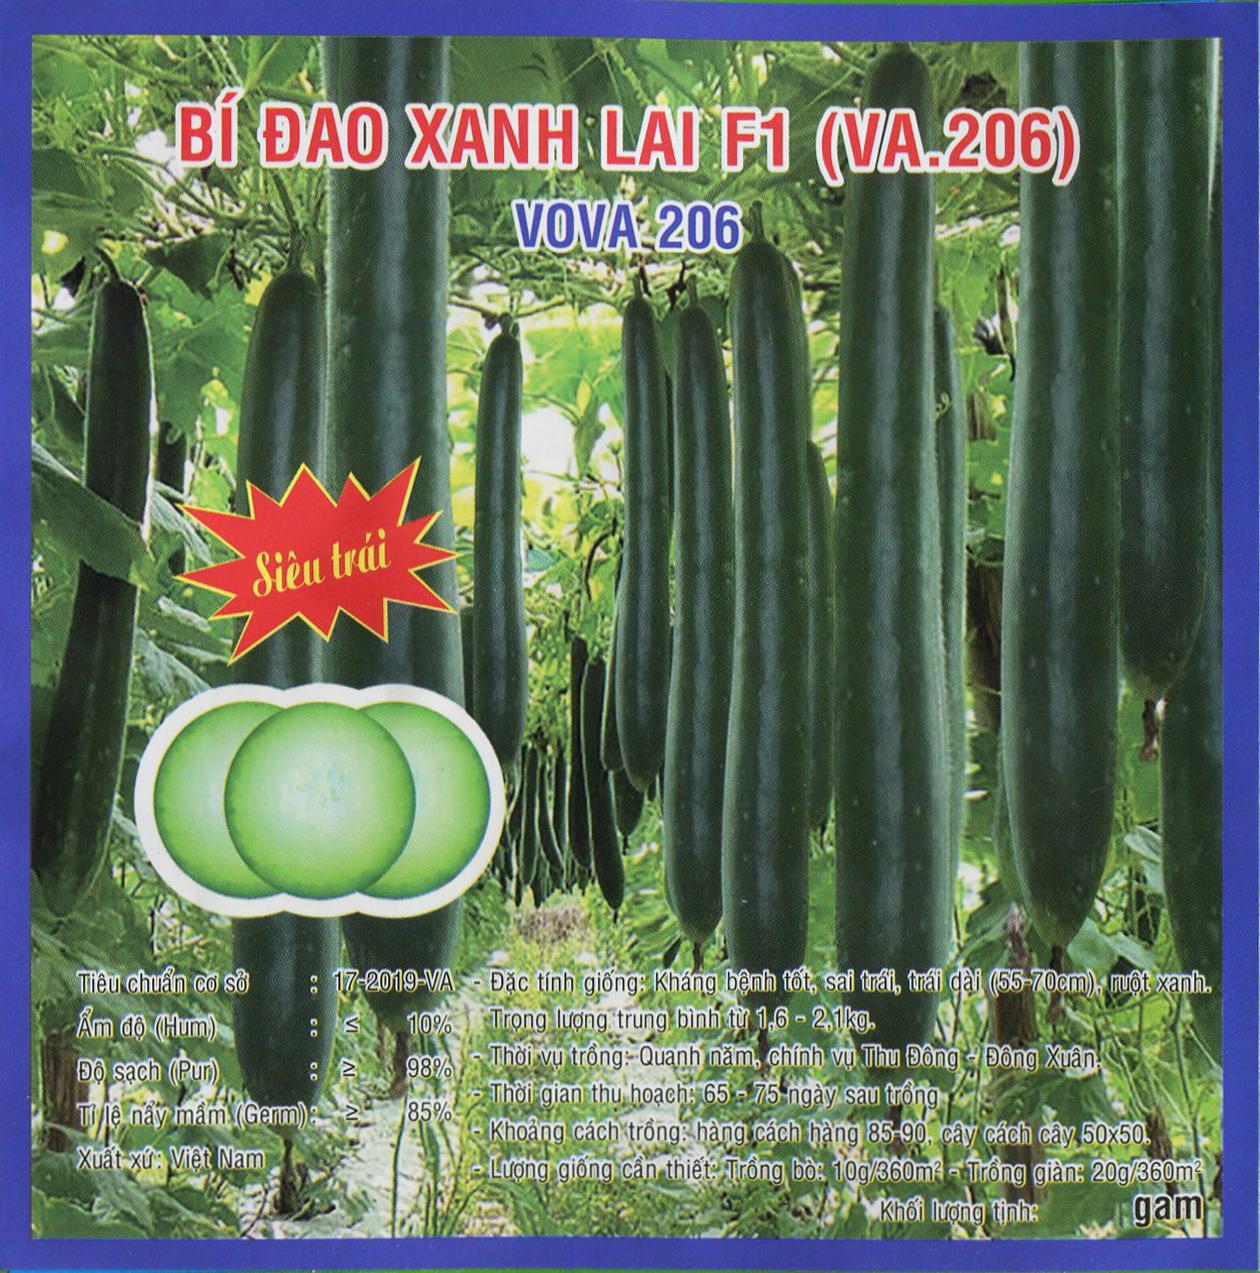 Hạt giống Bí đao xanh lai F1 (VA.206) – 5gram